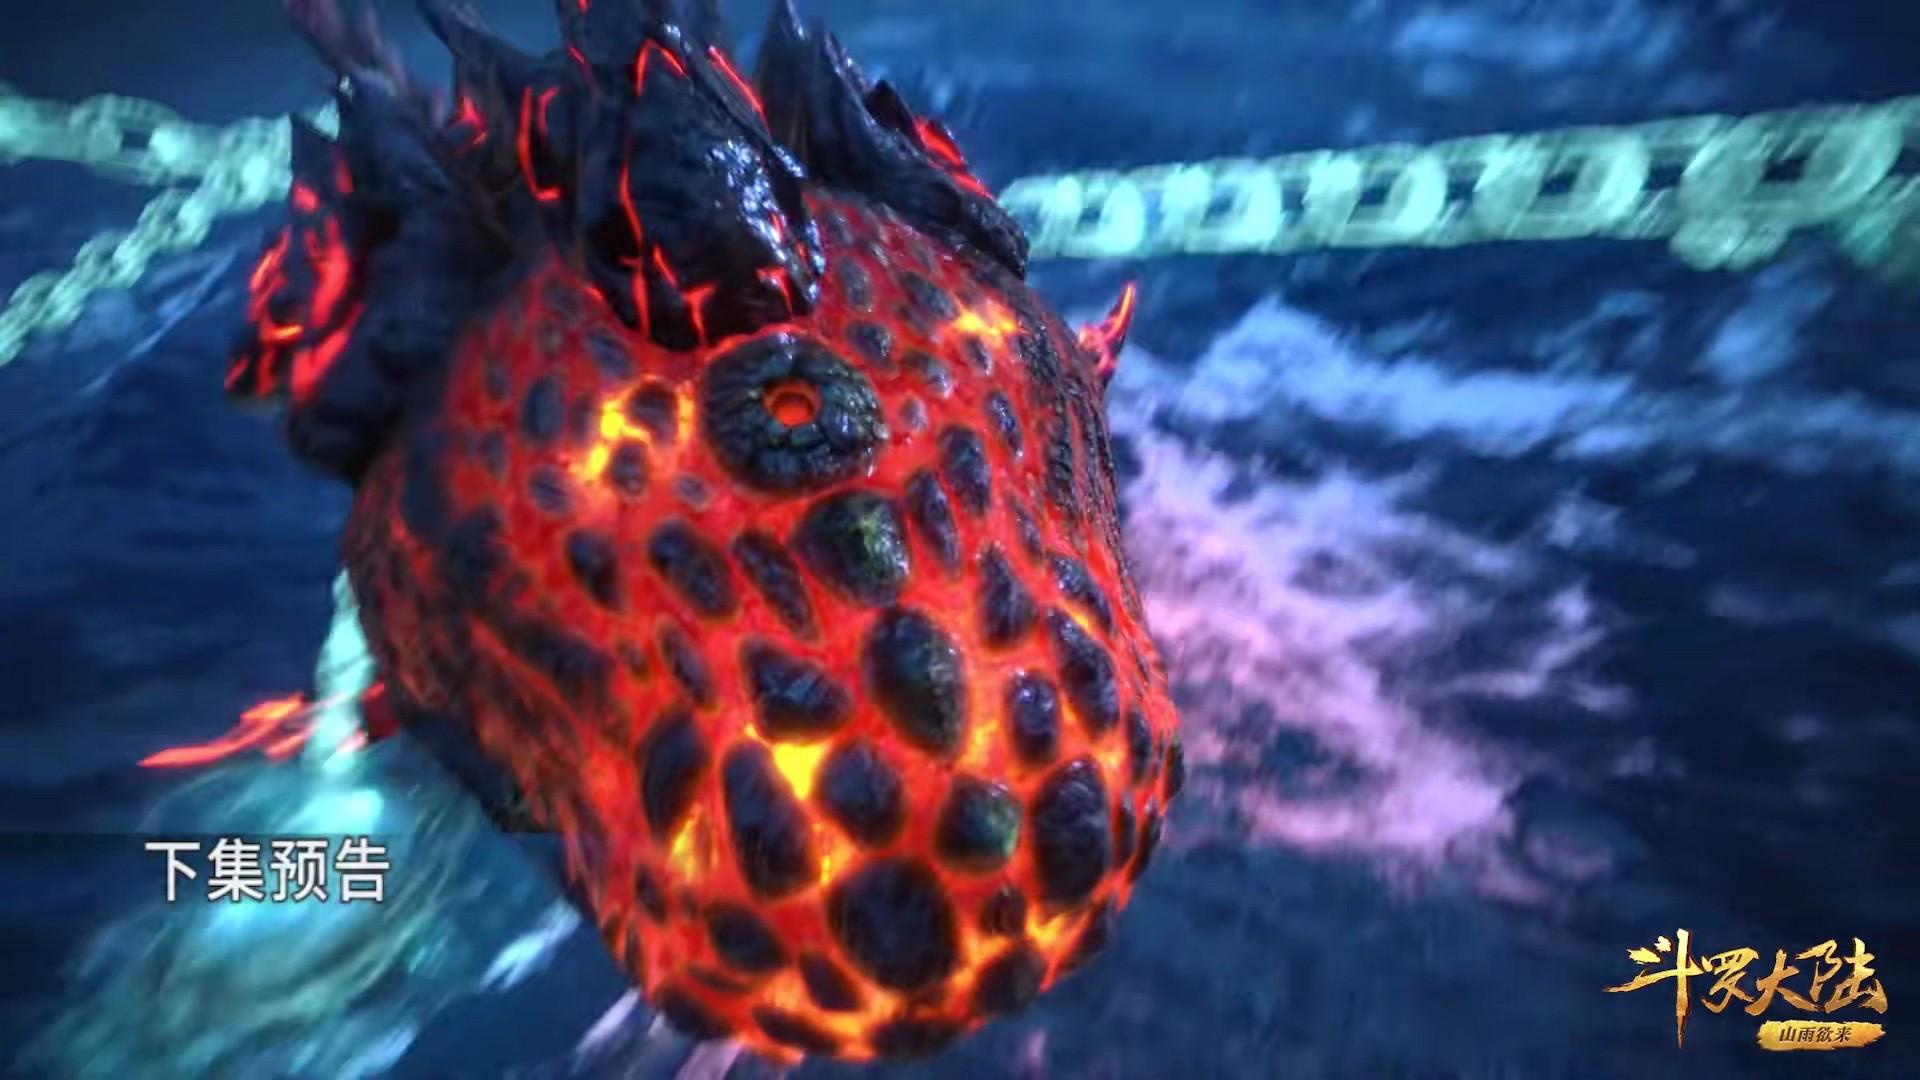 斗罗大陆:海神对付深海魔鲸王,吉祥登场,唐三升到67级